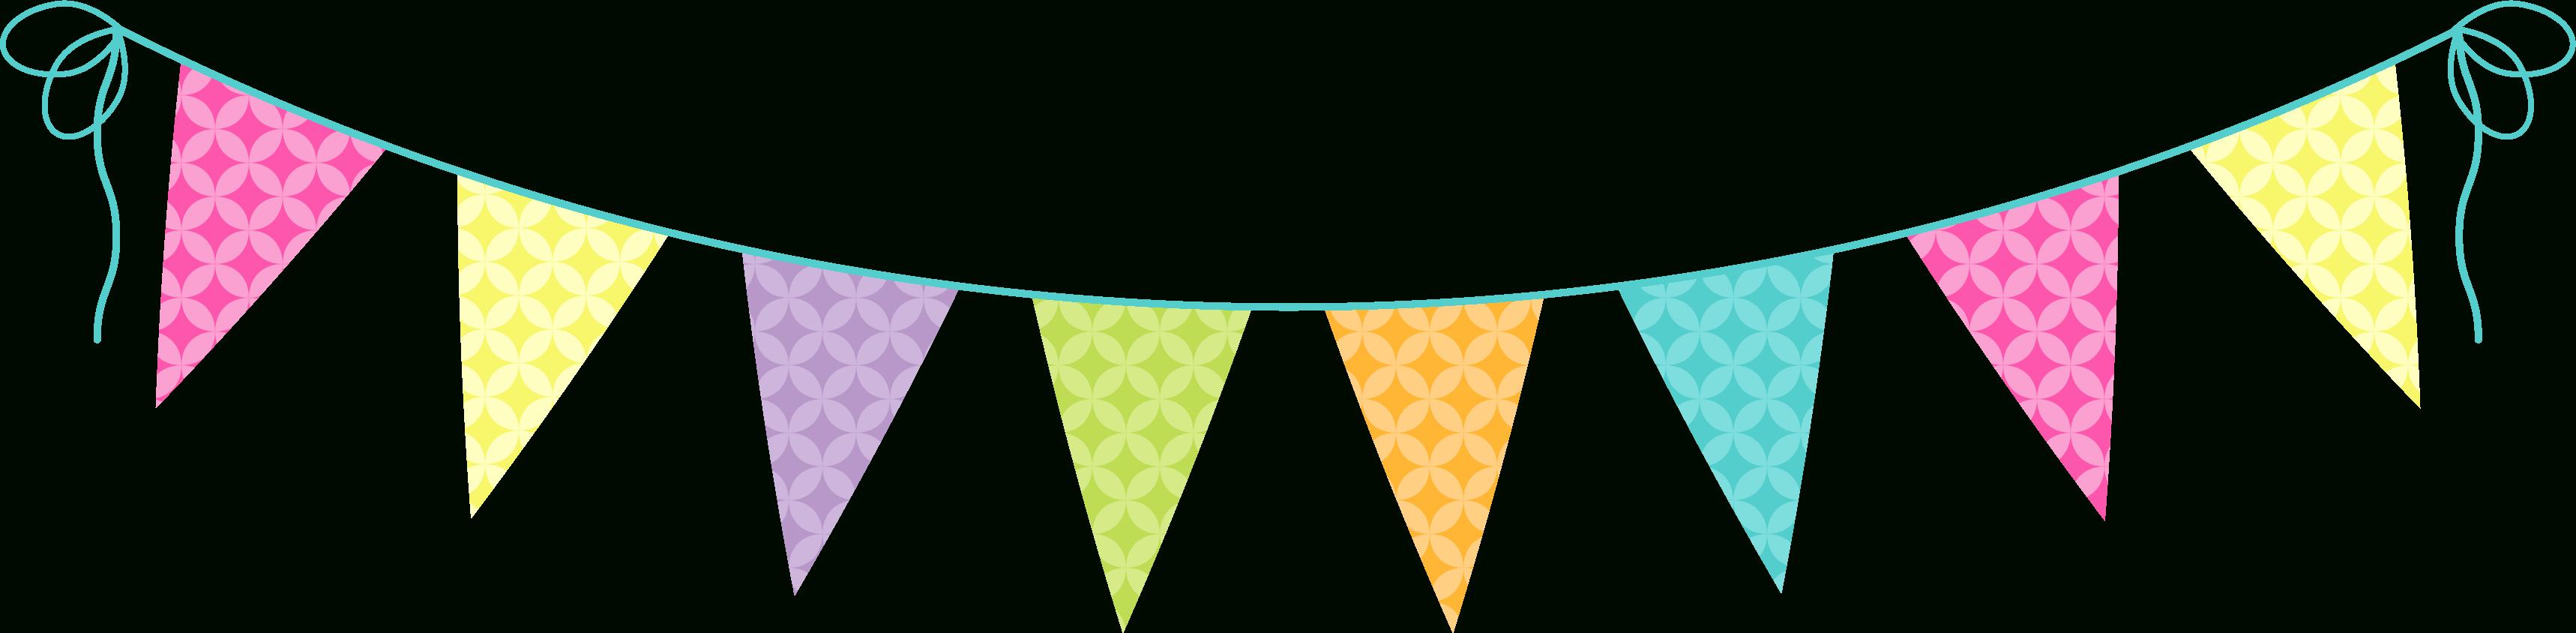 Clipart banner tea party, Clipart banner tea party ... (3436 x 844 Pixel)